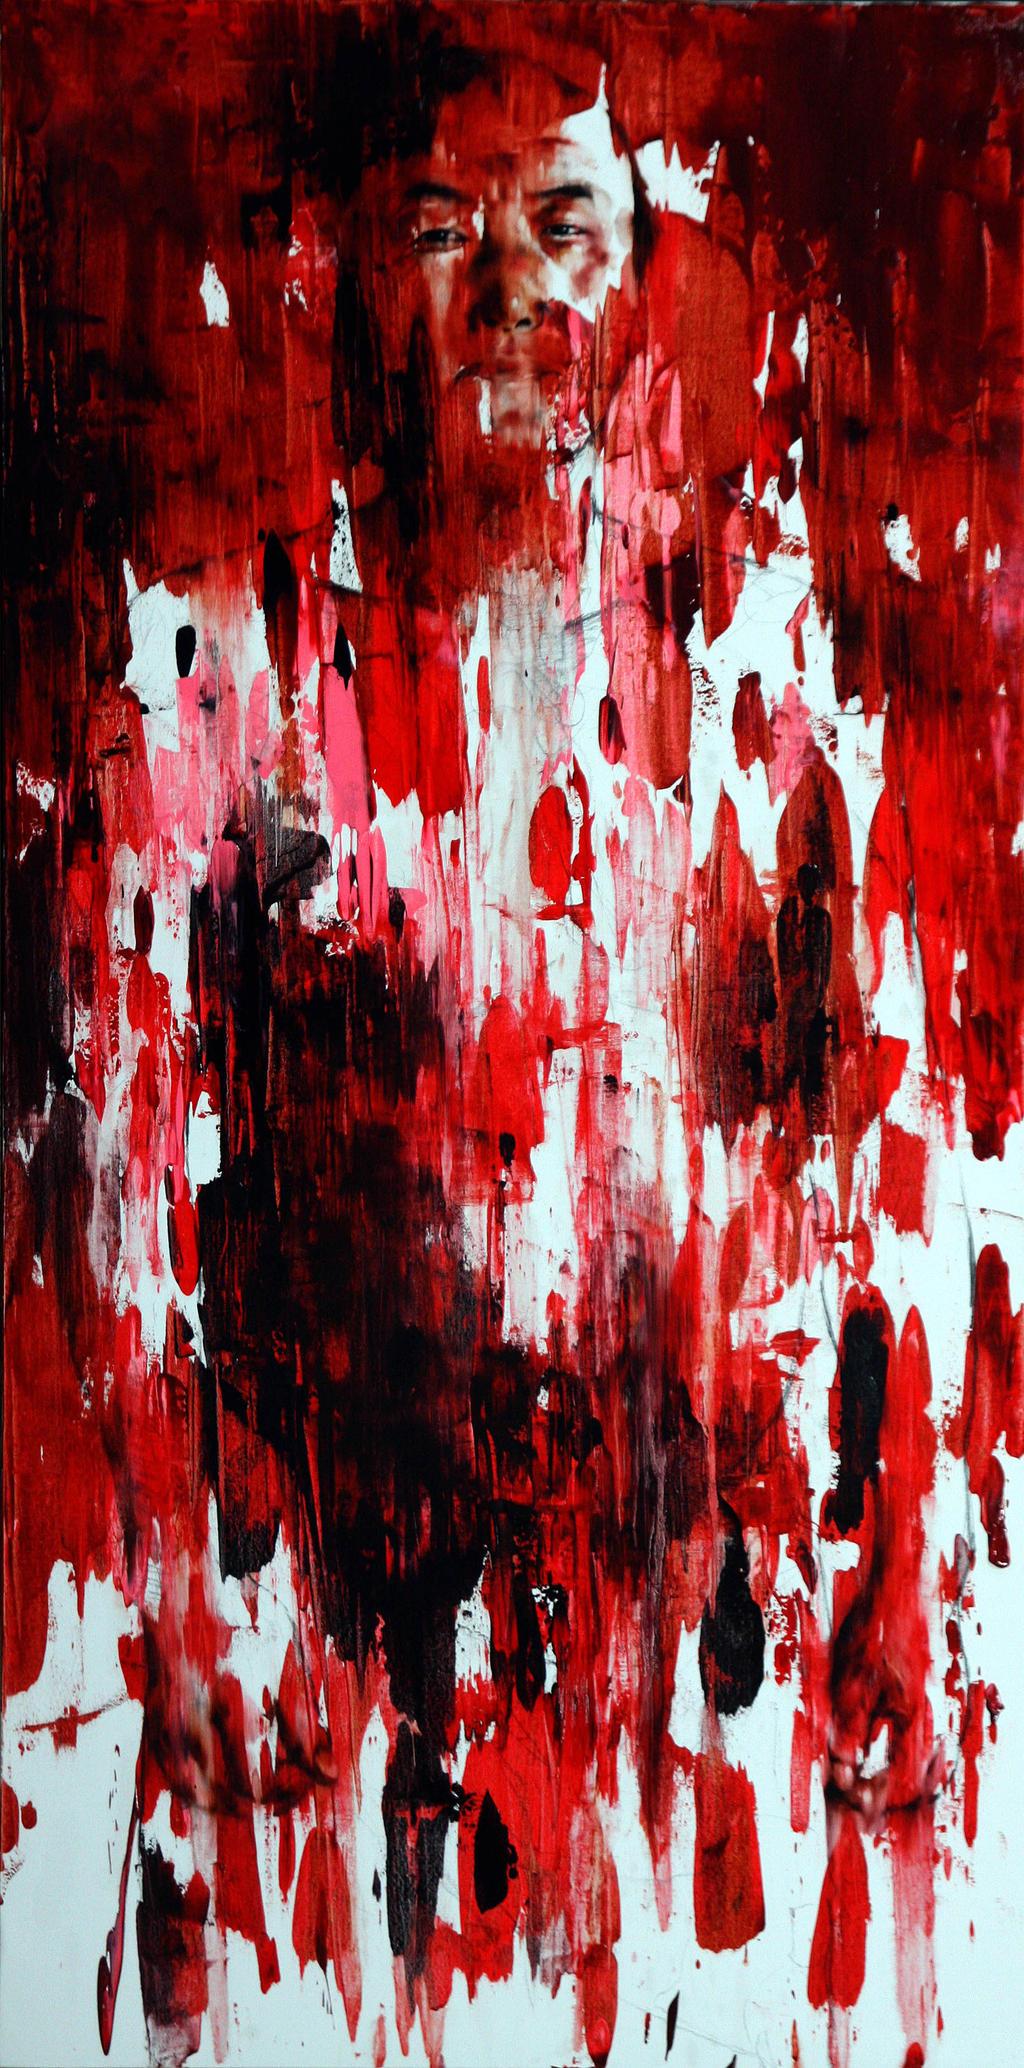 [54] Untitled Oil On Canvas 179.5 X 89.5 Cm 2013 by ShinKwangHo